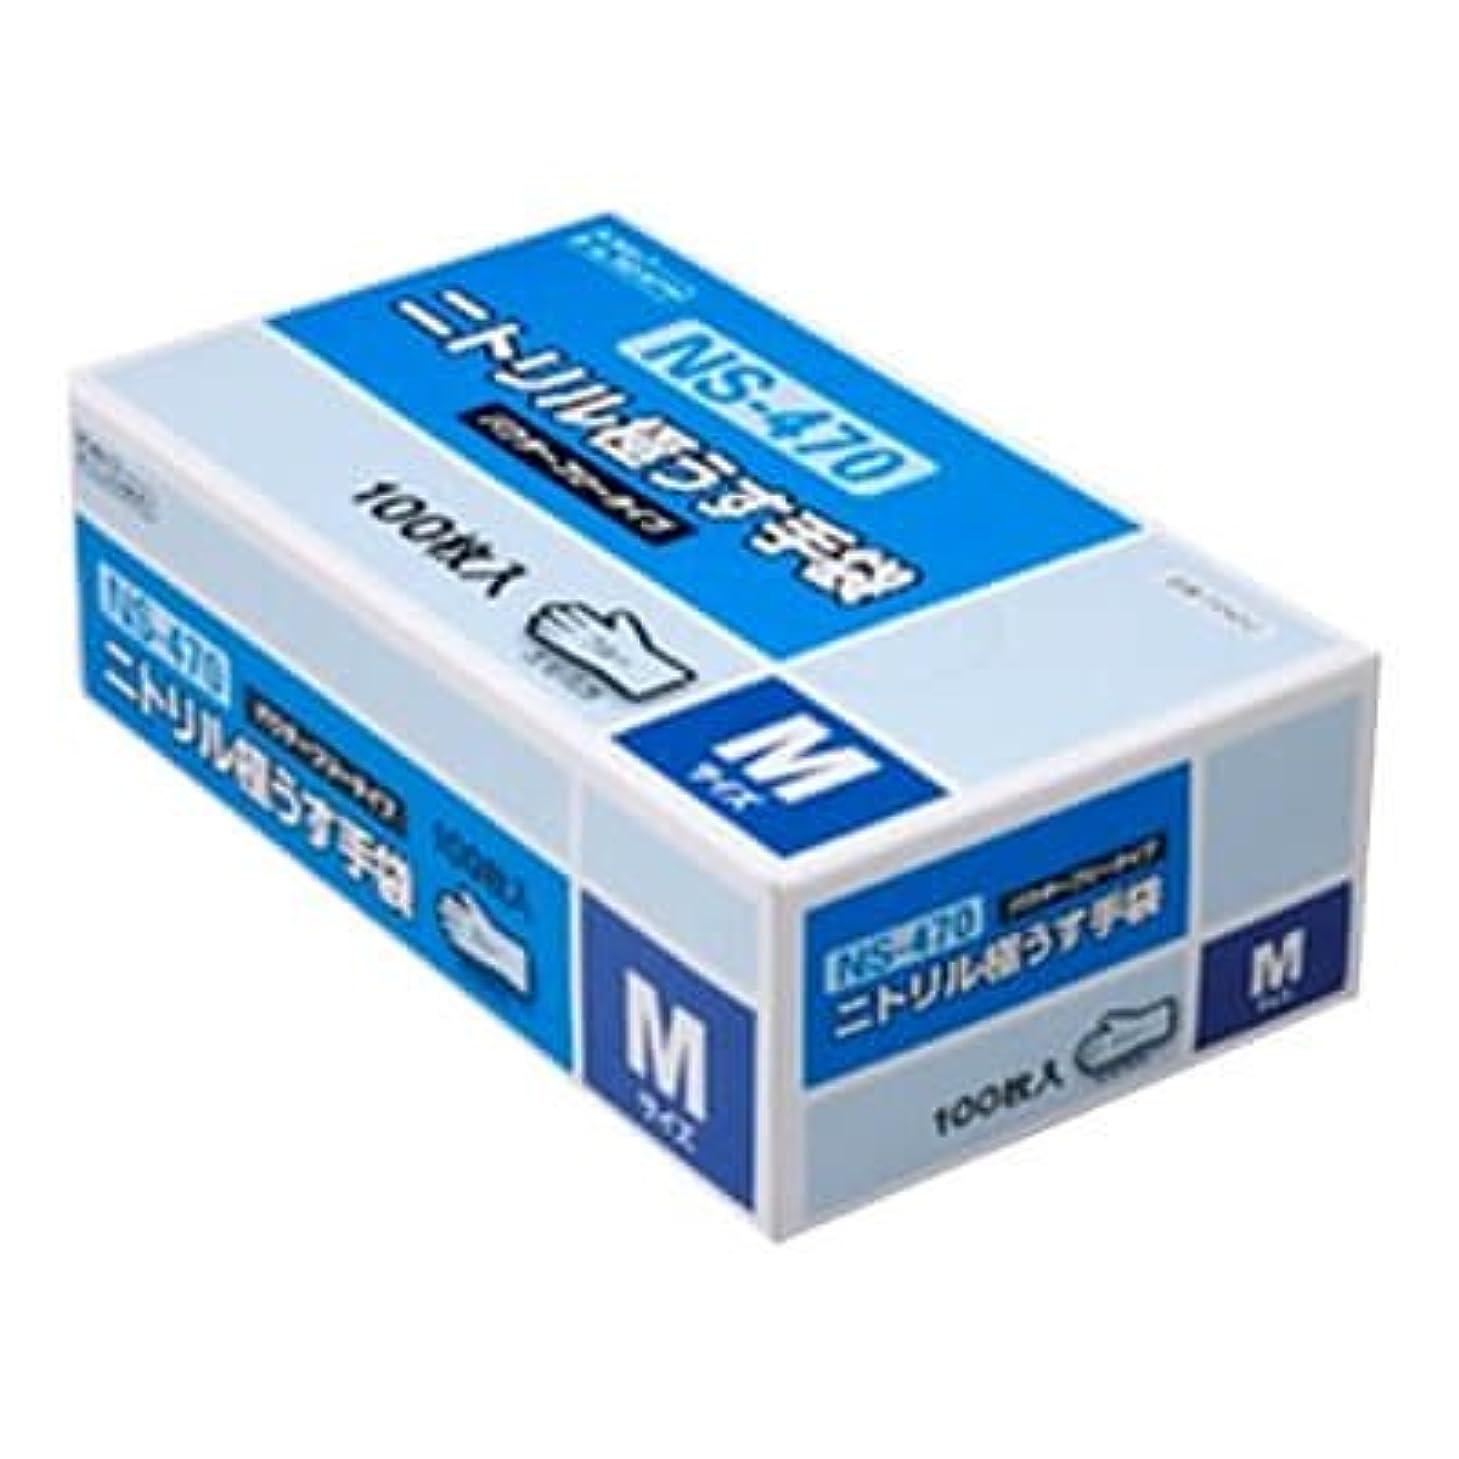 する小さい予防接種【ケース販売】 ダンロップ ニトリル極うす手袋 粉無 M ブルー NS-470 (100枚入×20箱)